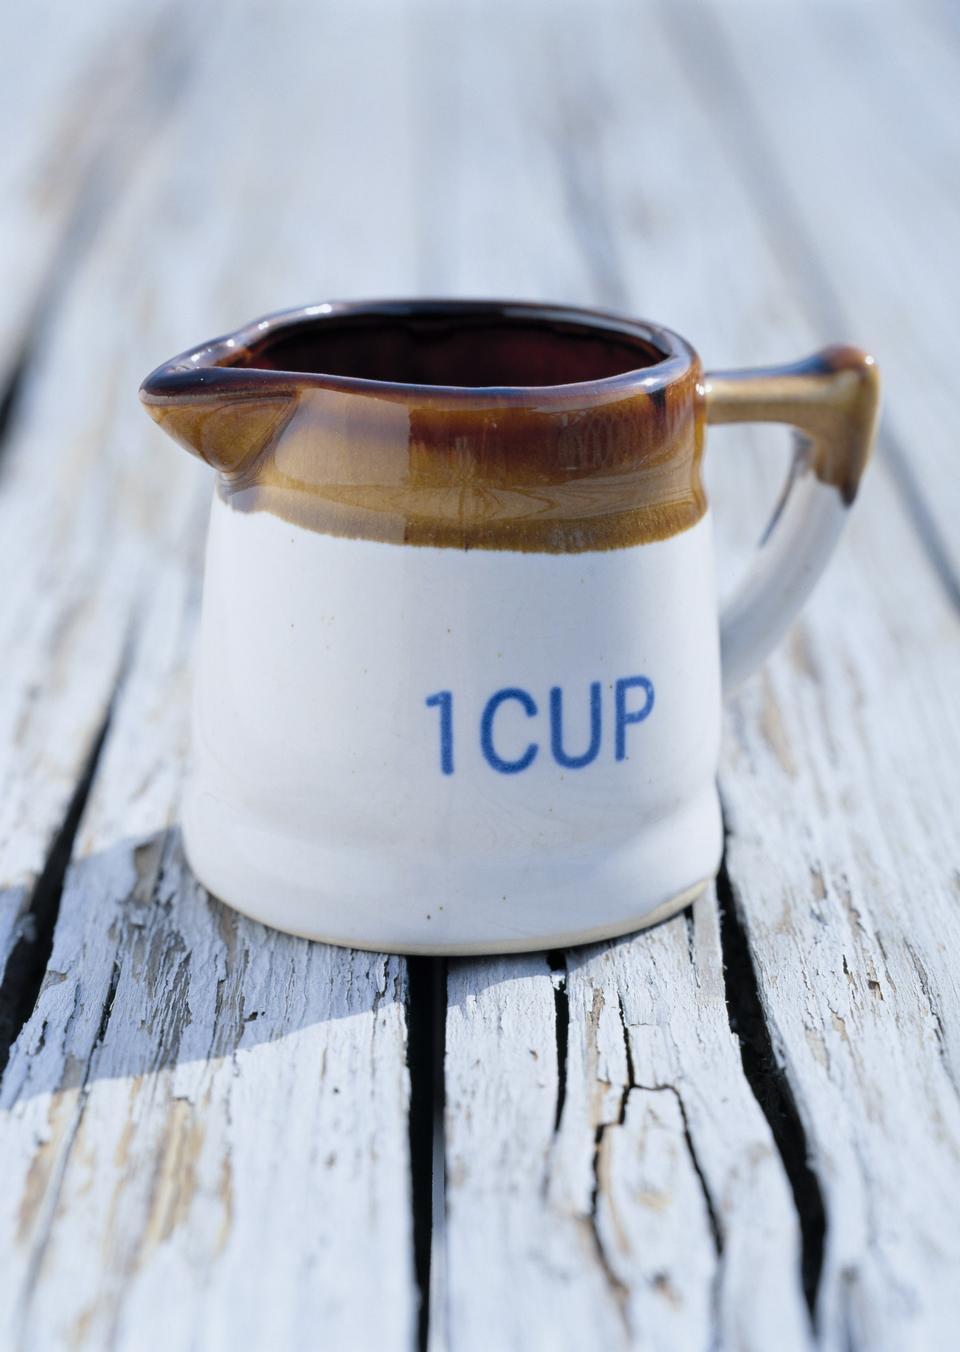 mug on wooden background